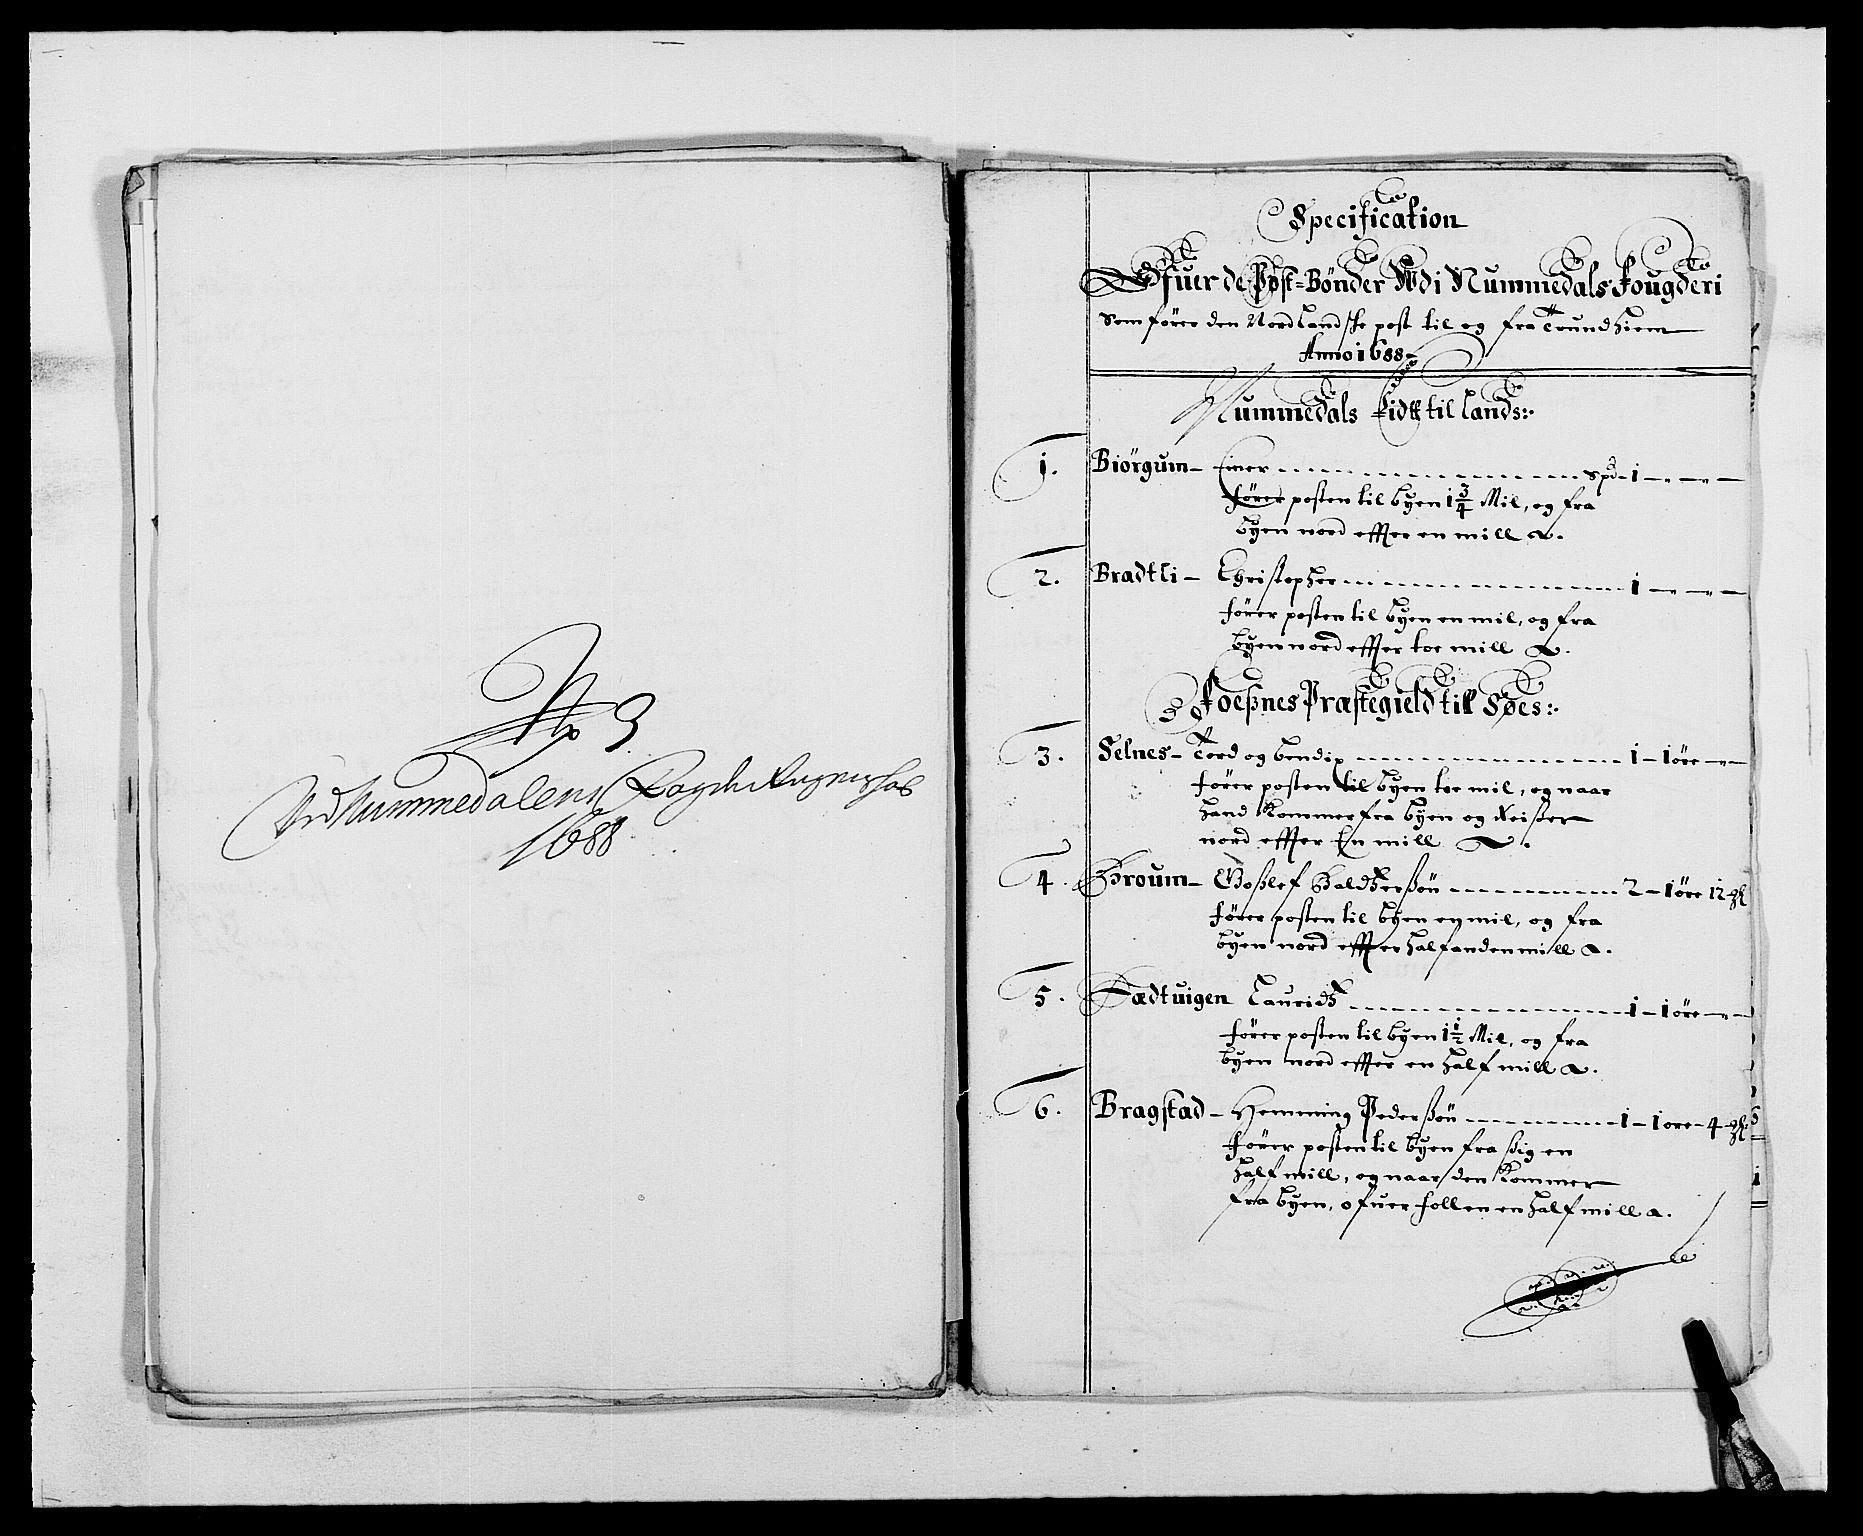 RA, Rentekammeret inntil 1814, Reviderte regnskaper, Fogderegnskap, R64/L4422: Fogderegnskap Namdal, 1687-1689, s. 184